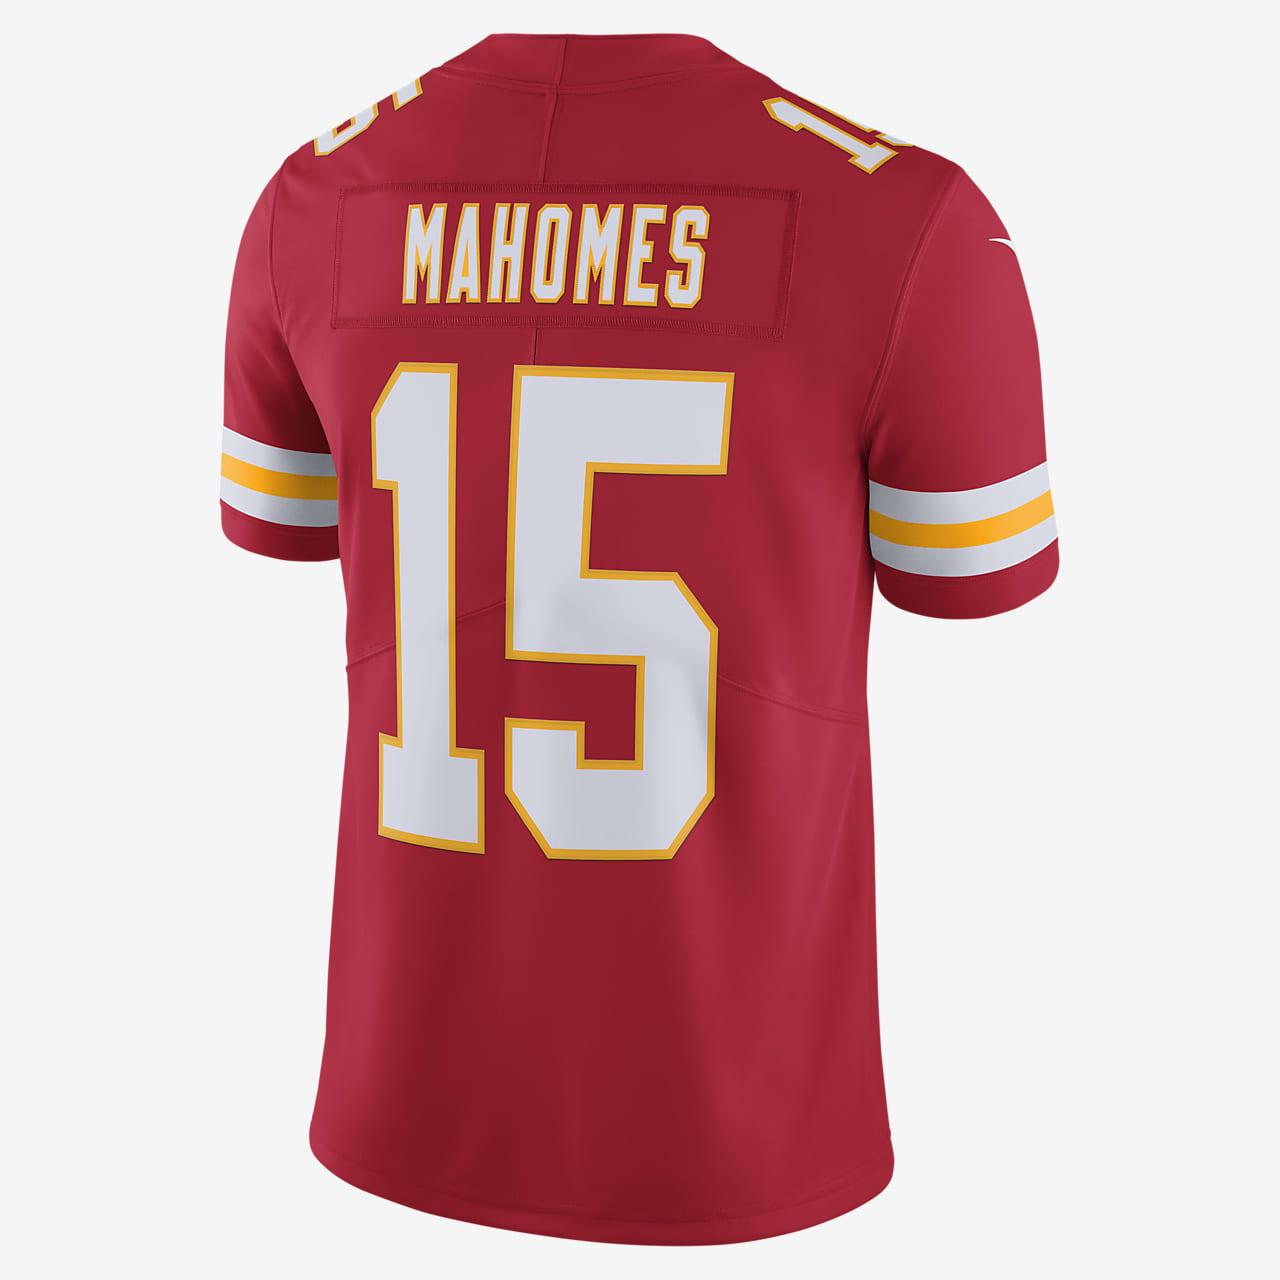 Kansas City Chiefs Patrick Mahomes Men/'s T-Shirt Tee Football  jersey